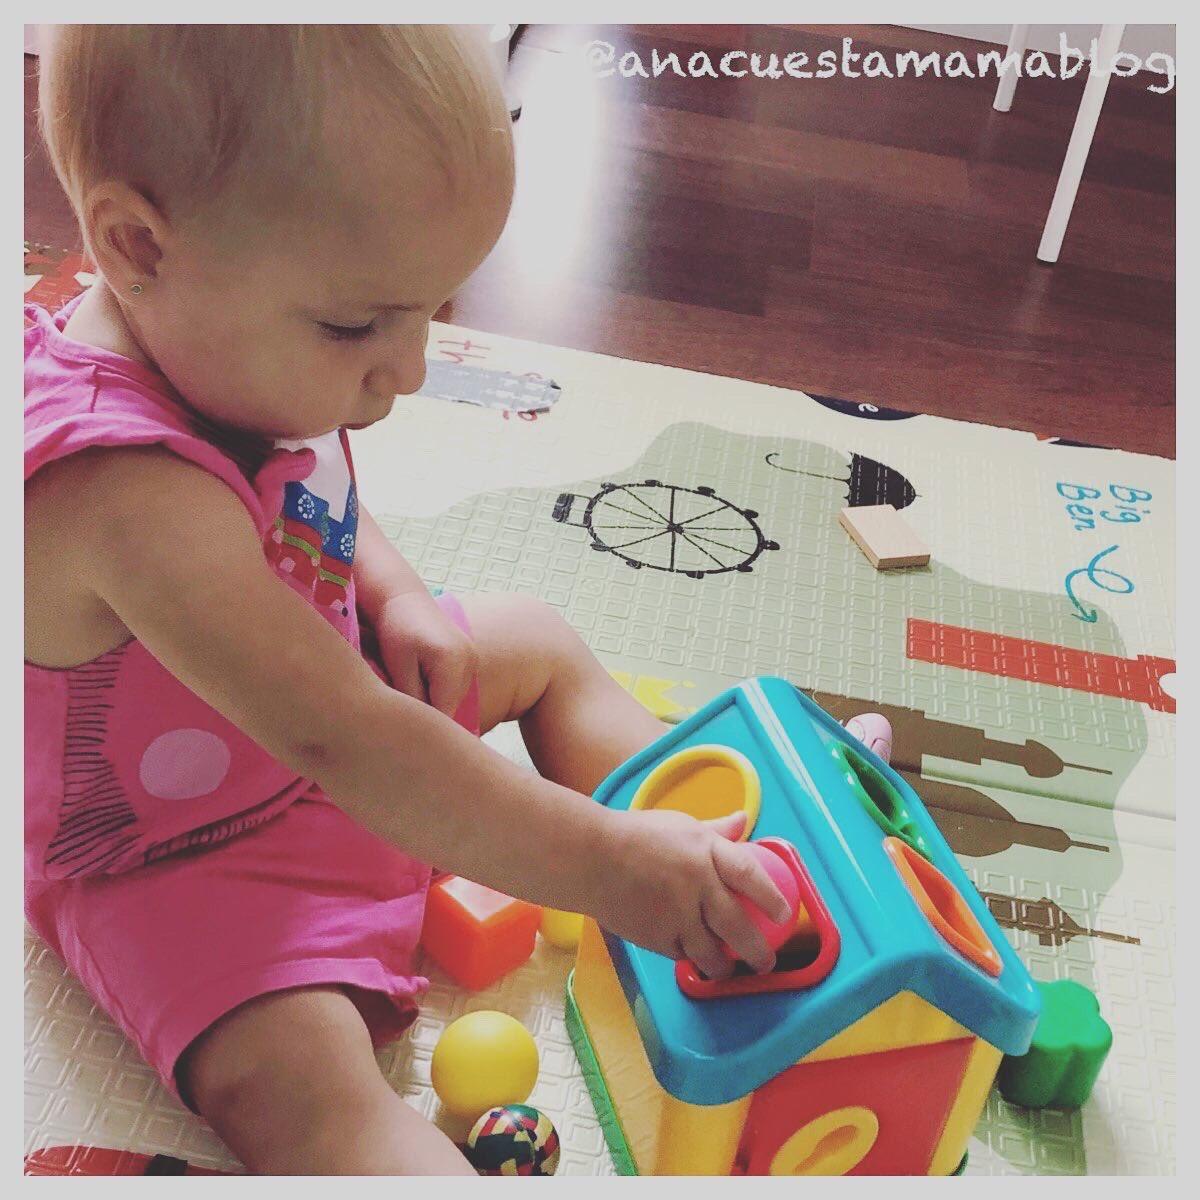 #jugarencasa #conceptos #dentroyfuera #abiertoycerrado  Me encanta la #etapadedesarrollo en la que está entrando Clara. Demanda #juegos y está feliz #descubriendo y comprendiendo el mundo. #crianza #maternidad #montessoriathome #aprenderjugando #desarrollocognitivopic.twitter.com/N0tLjM1WI2